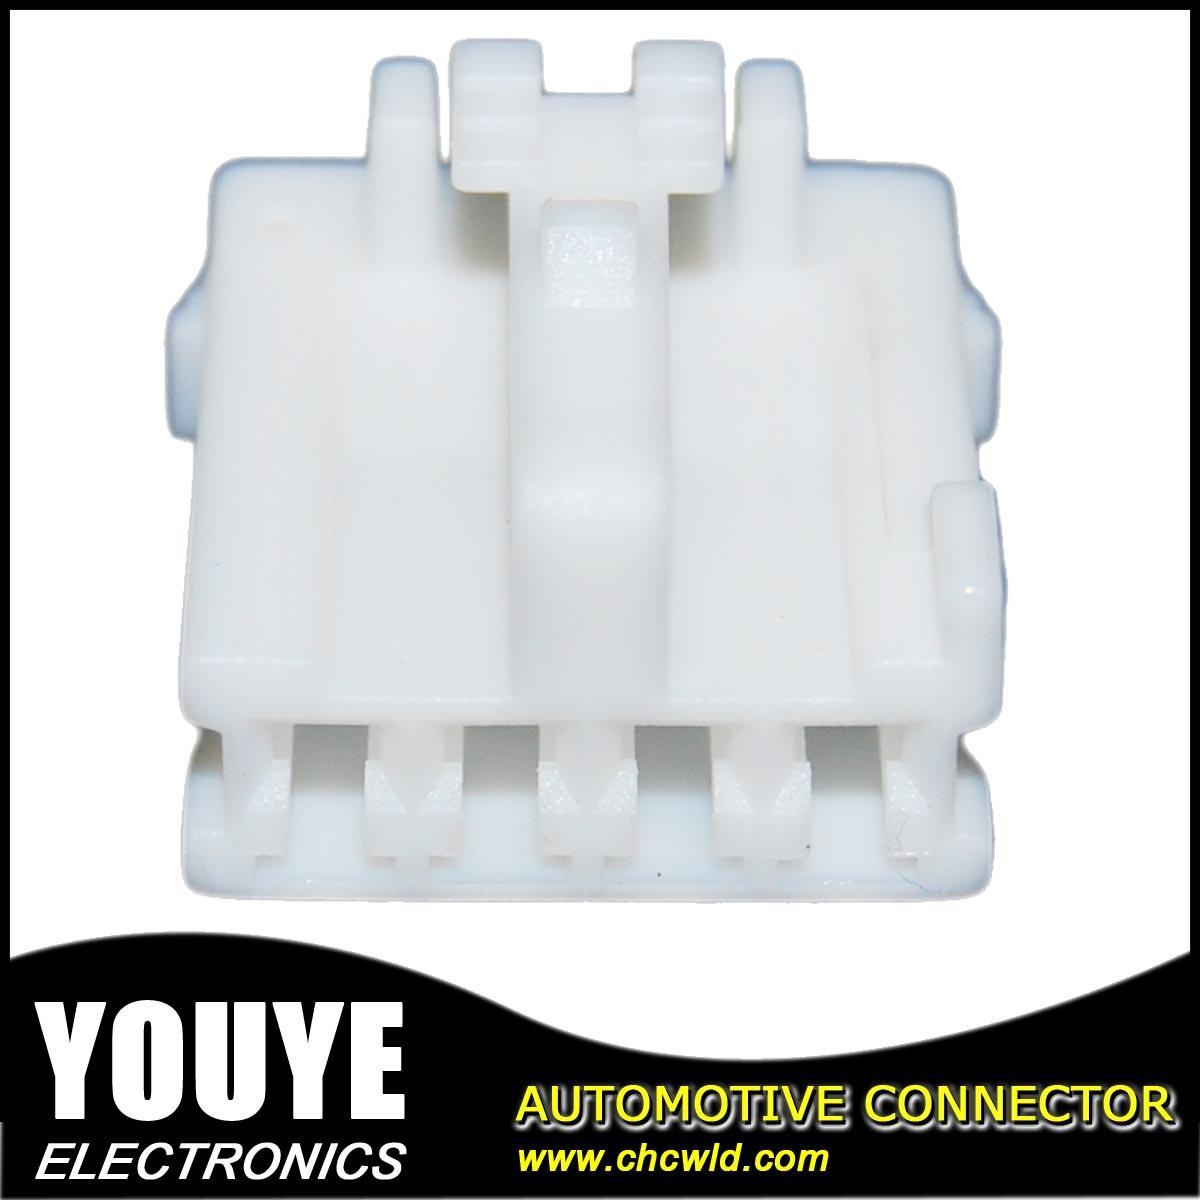 4 Poles PBT Plastic Automotive Connector Housing